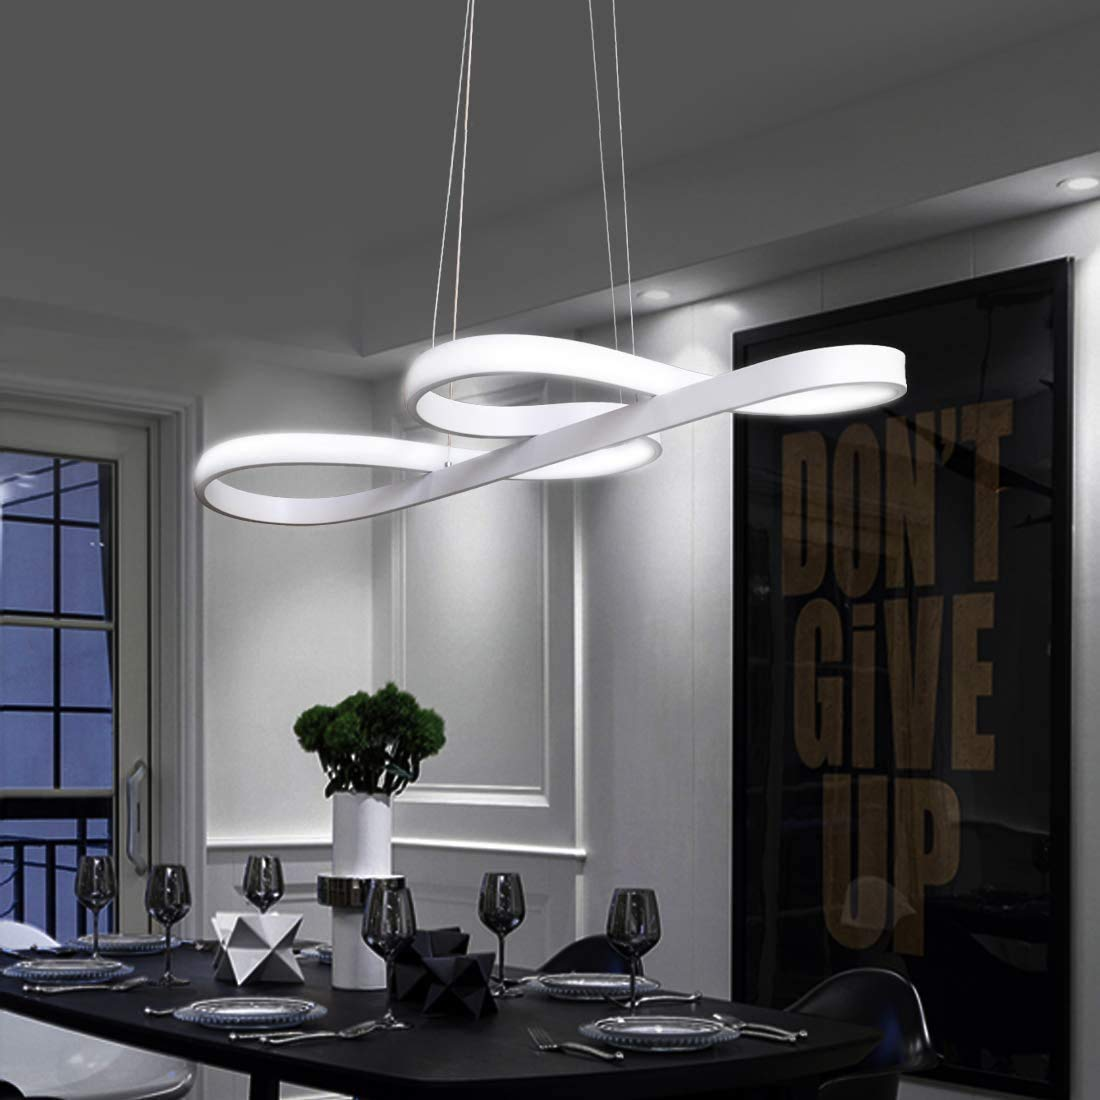 Design Decken Beleuchtung Hänge Pendel Leuchte Glas weiß Ess Zimmer Muster Welle